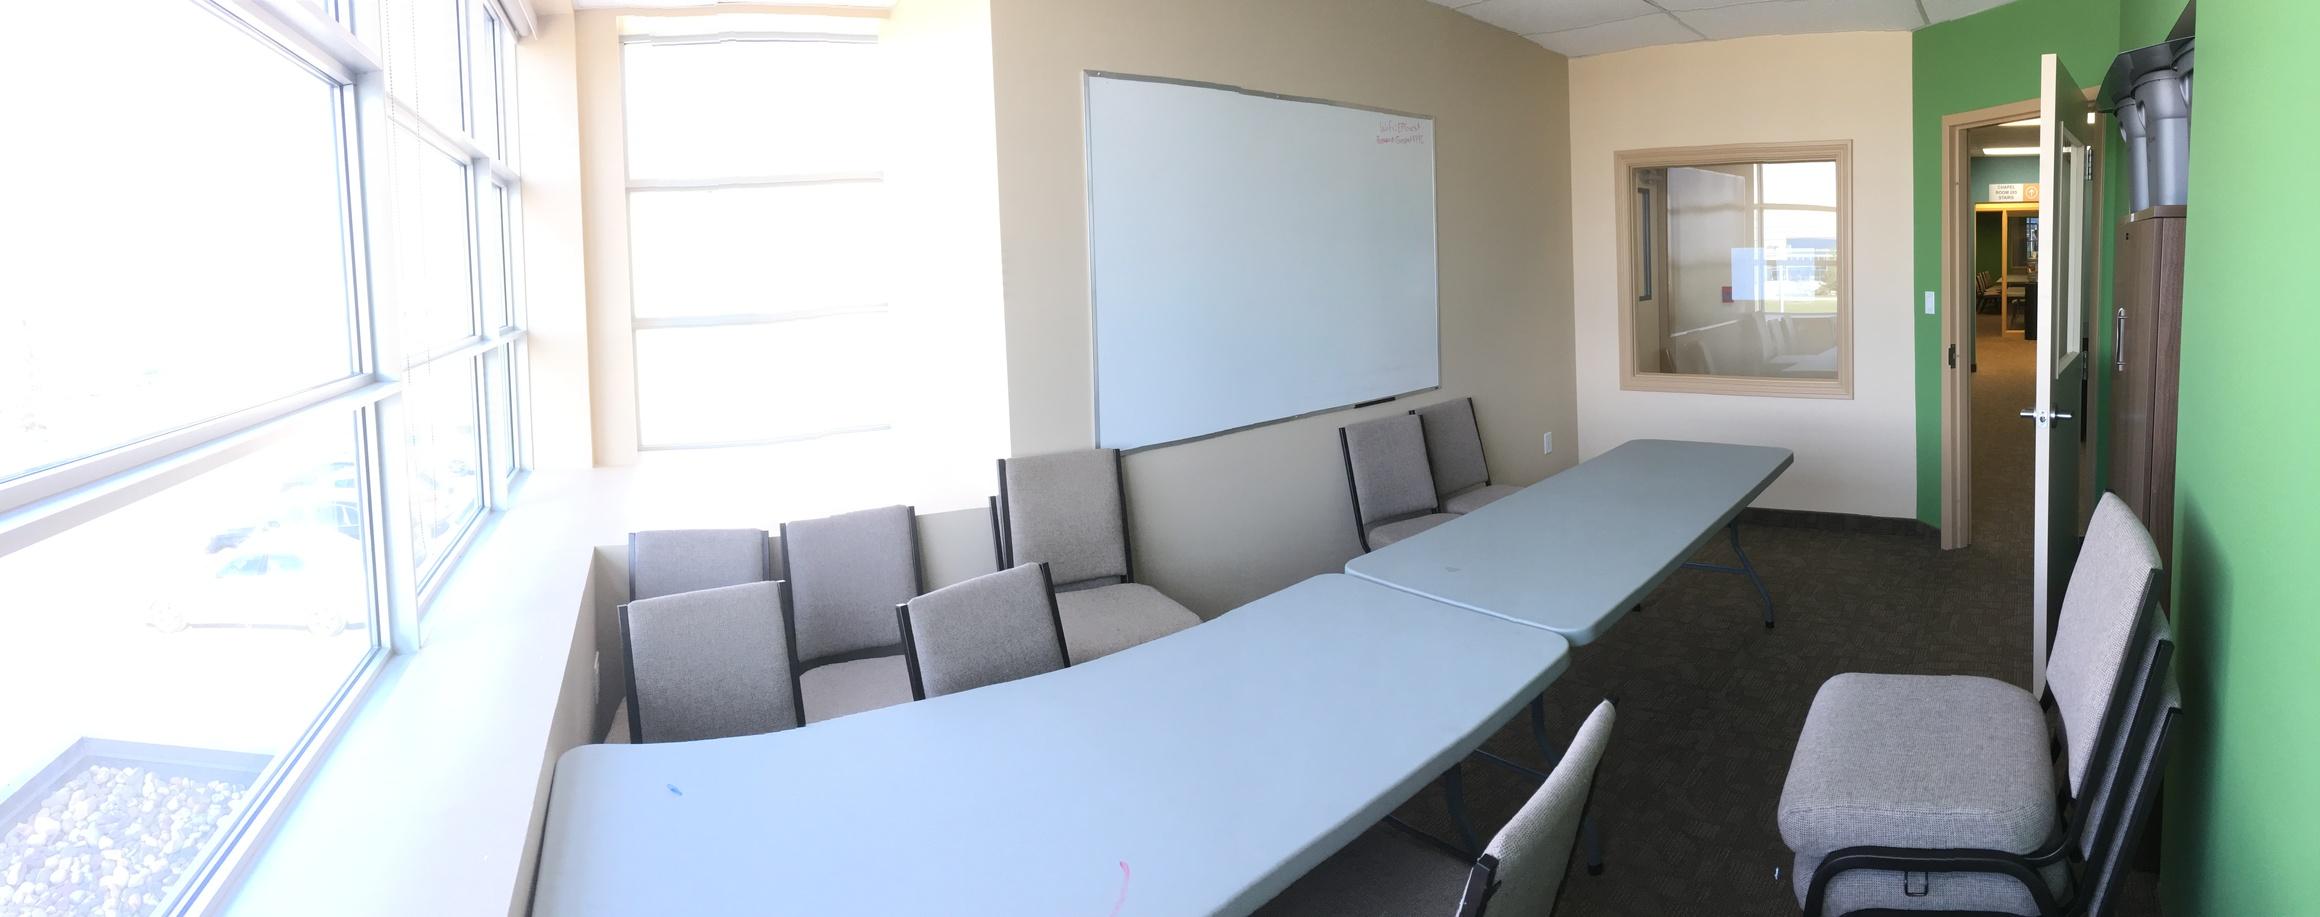 Room 201 - view 1JPG.jpg